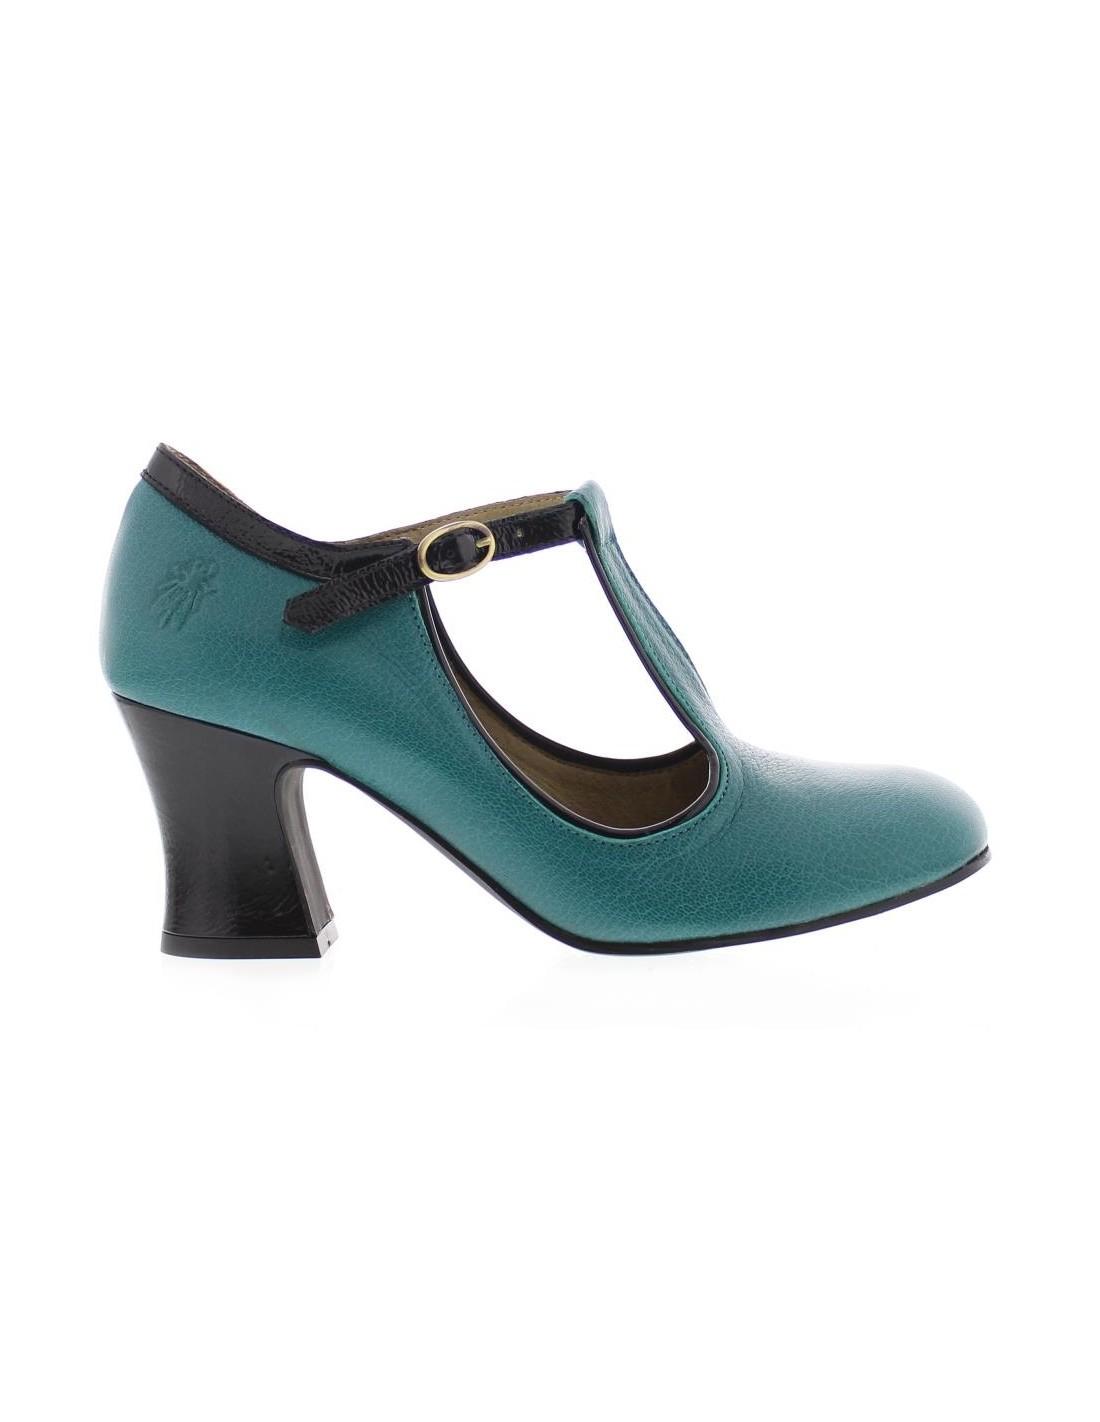 Zapatos Tacon Comodos Mujer